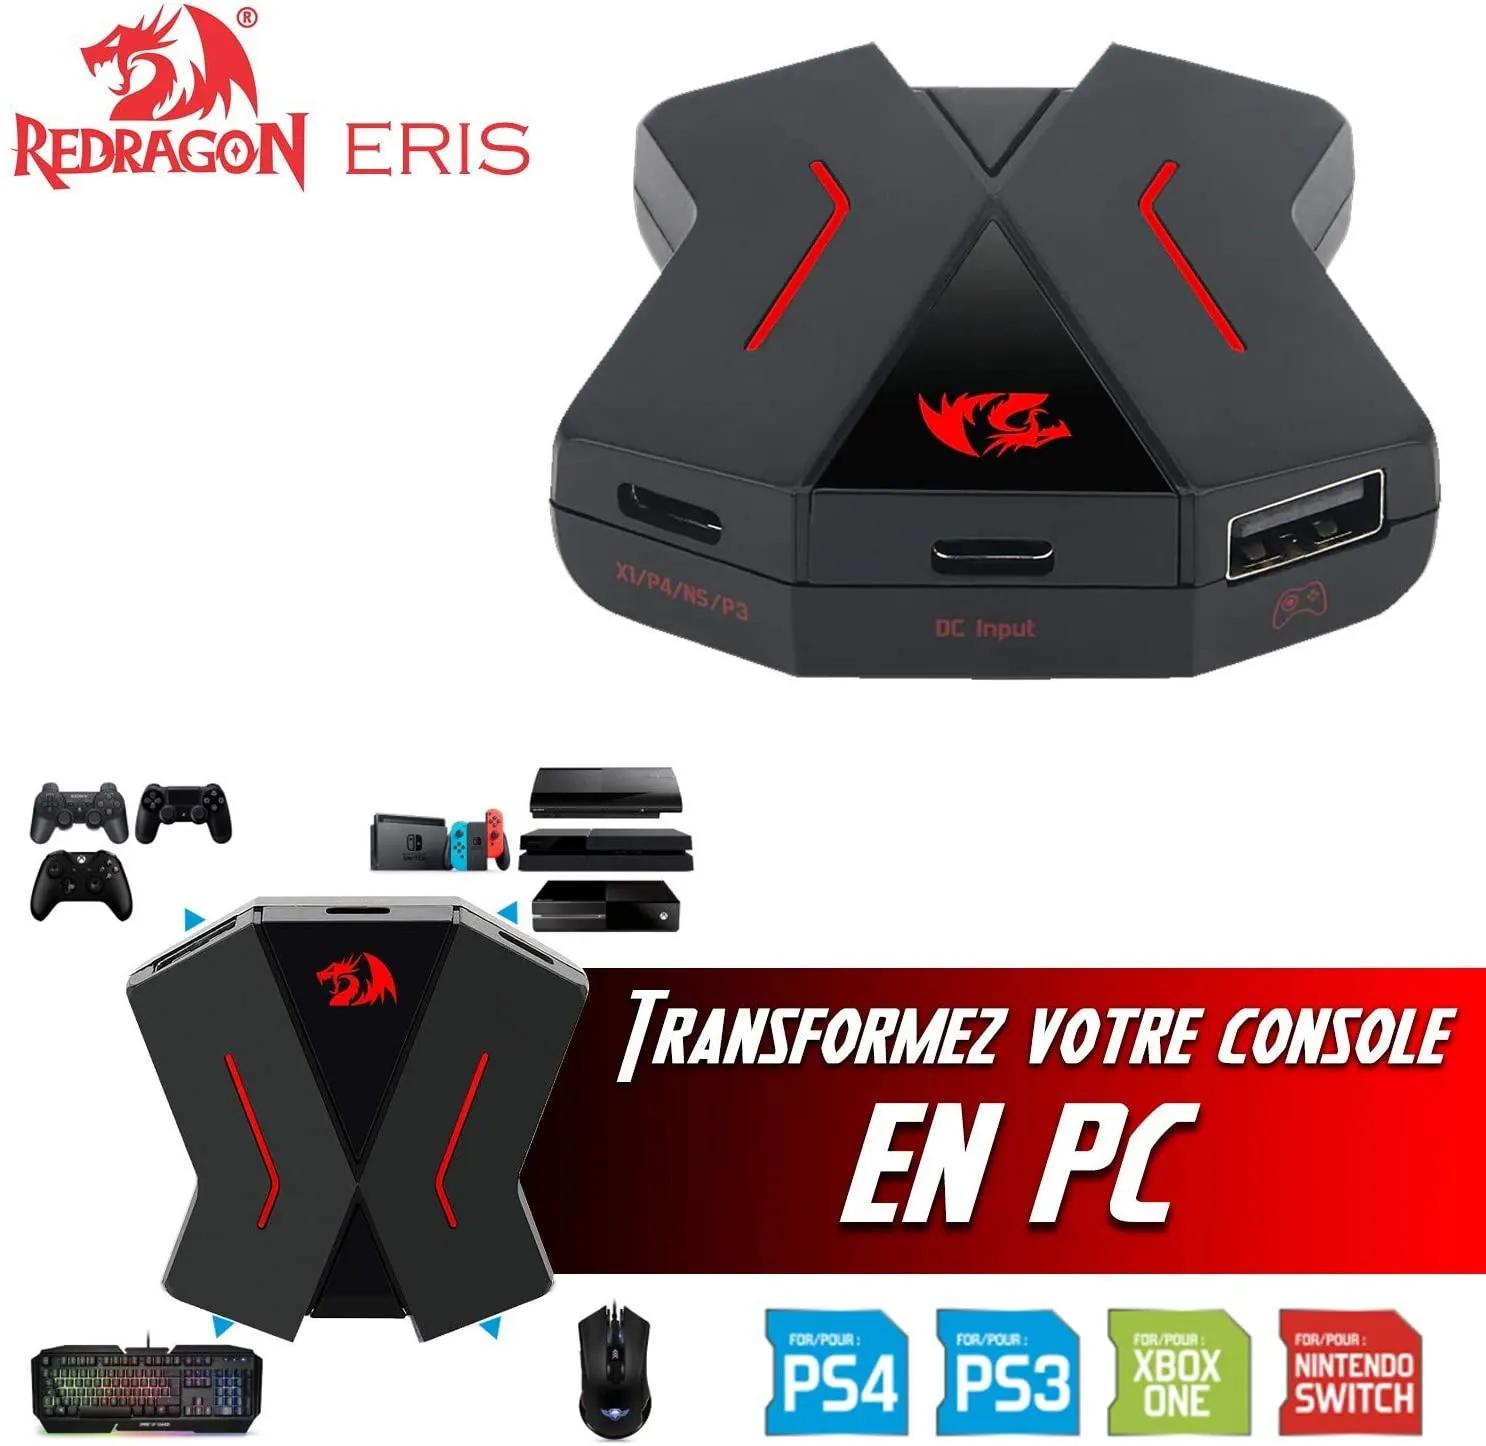 Adaptador Conversor Hub Teclado Mouse Ps4 Xbox One Redragon Eris Ga-200